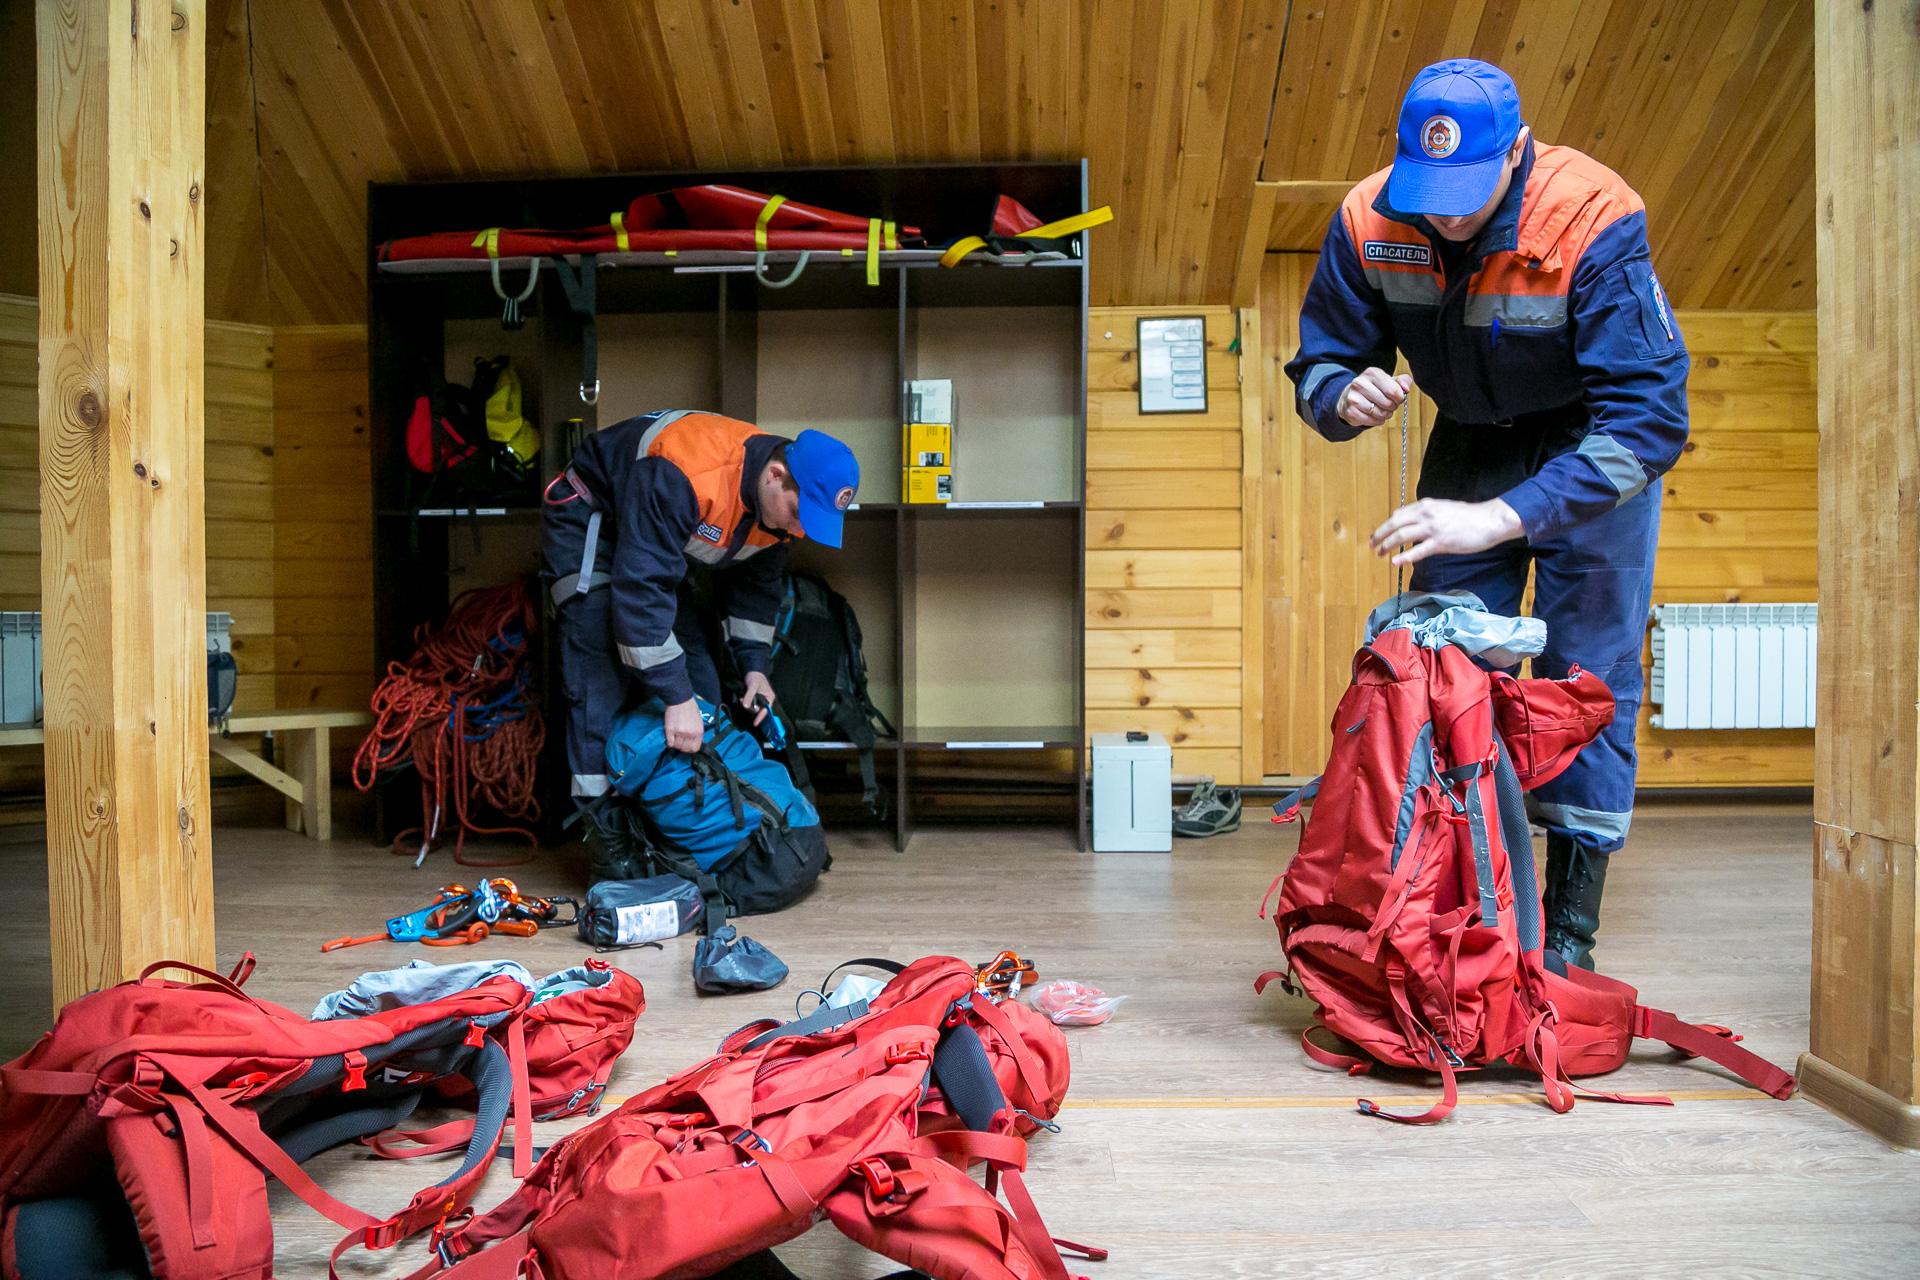 Перед патрулированием спасатели собирают альпинистское снаряжение